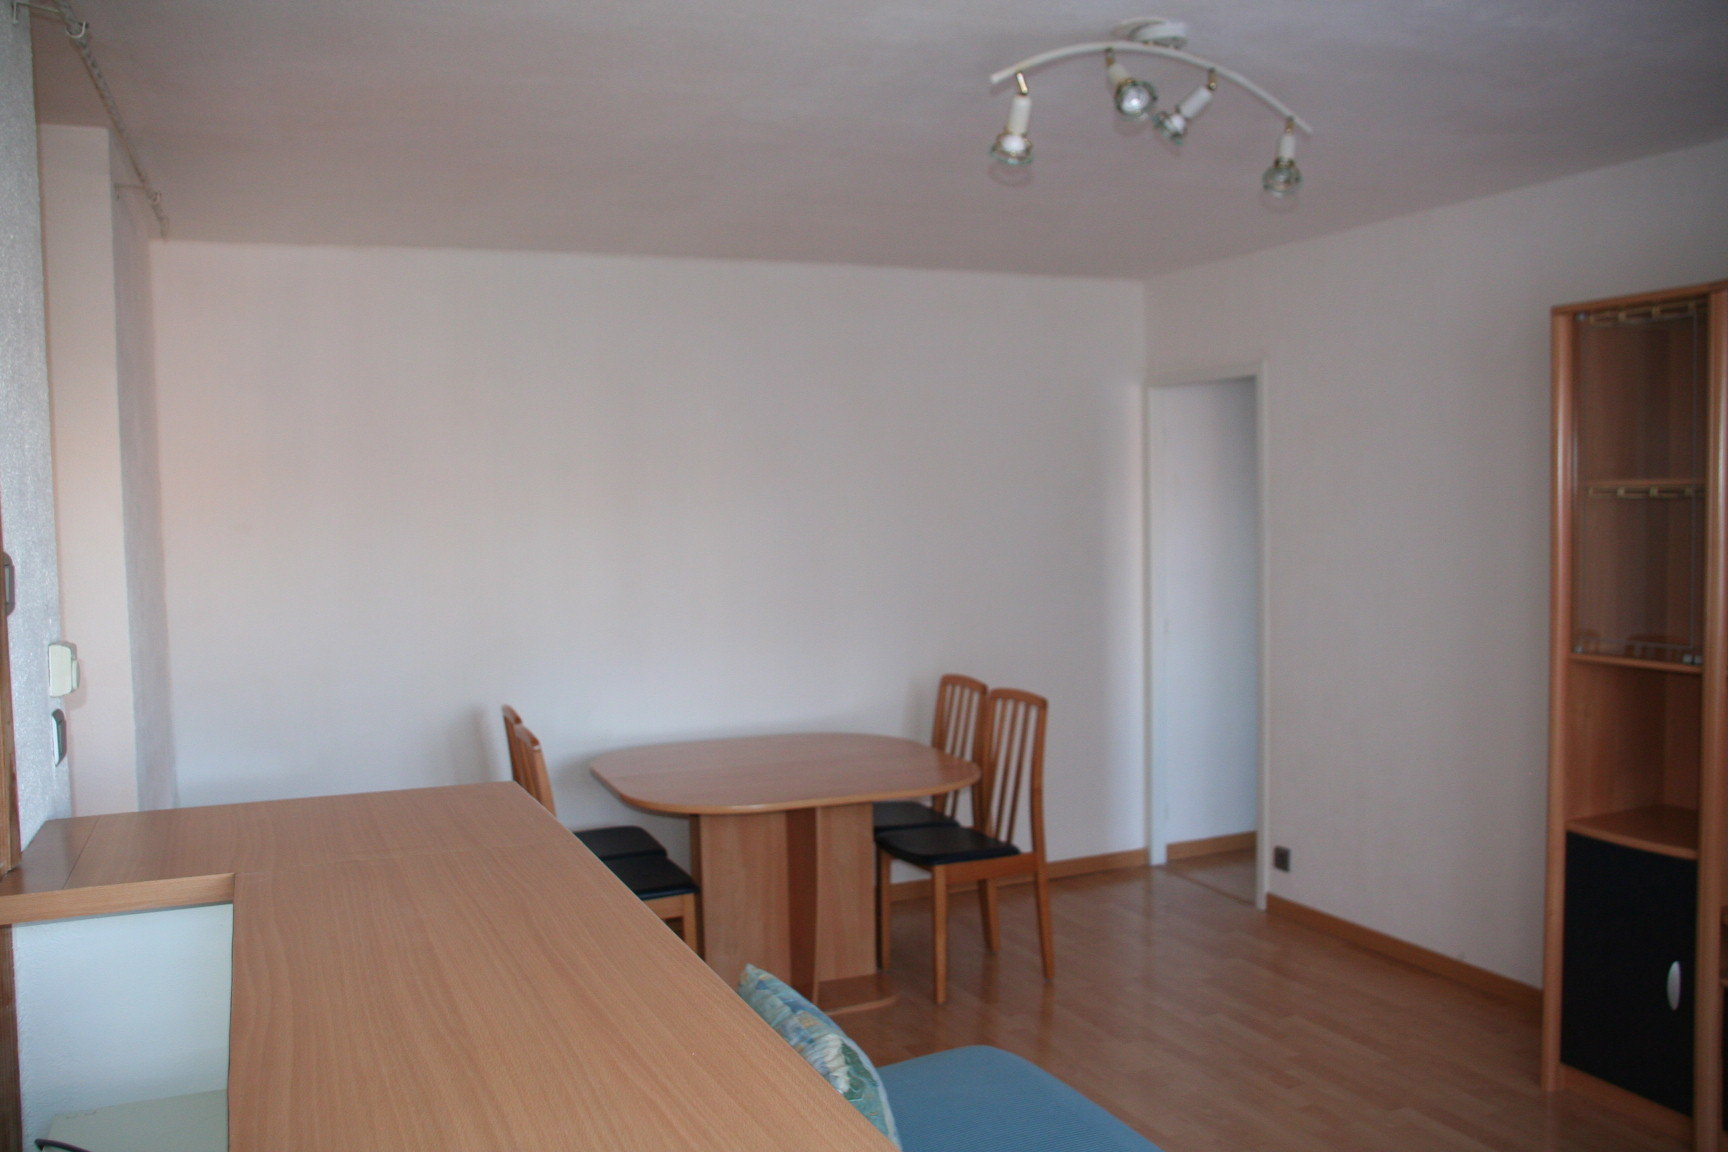 Appartement 2 pièces meublé dans résidence sécurisée